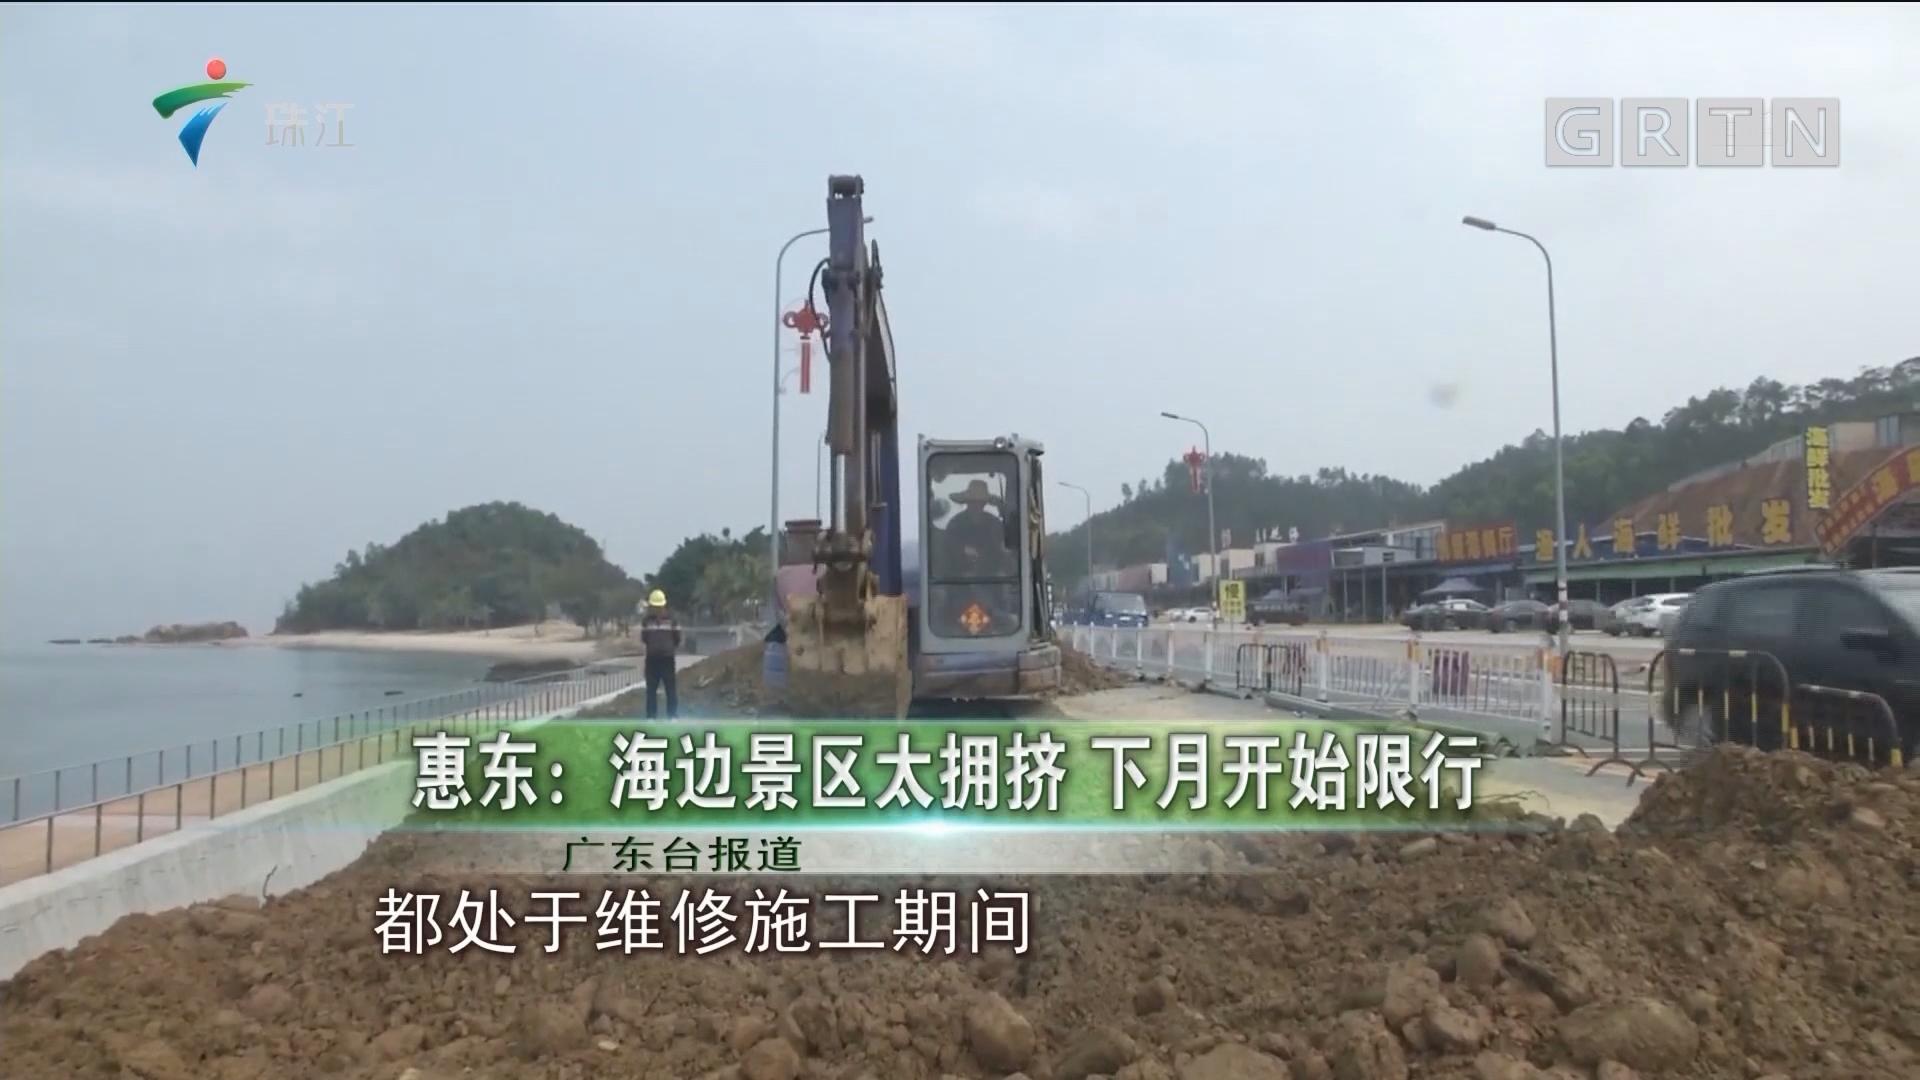 惠东:海边景区太拥挤 下月开始限行